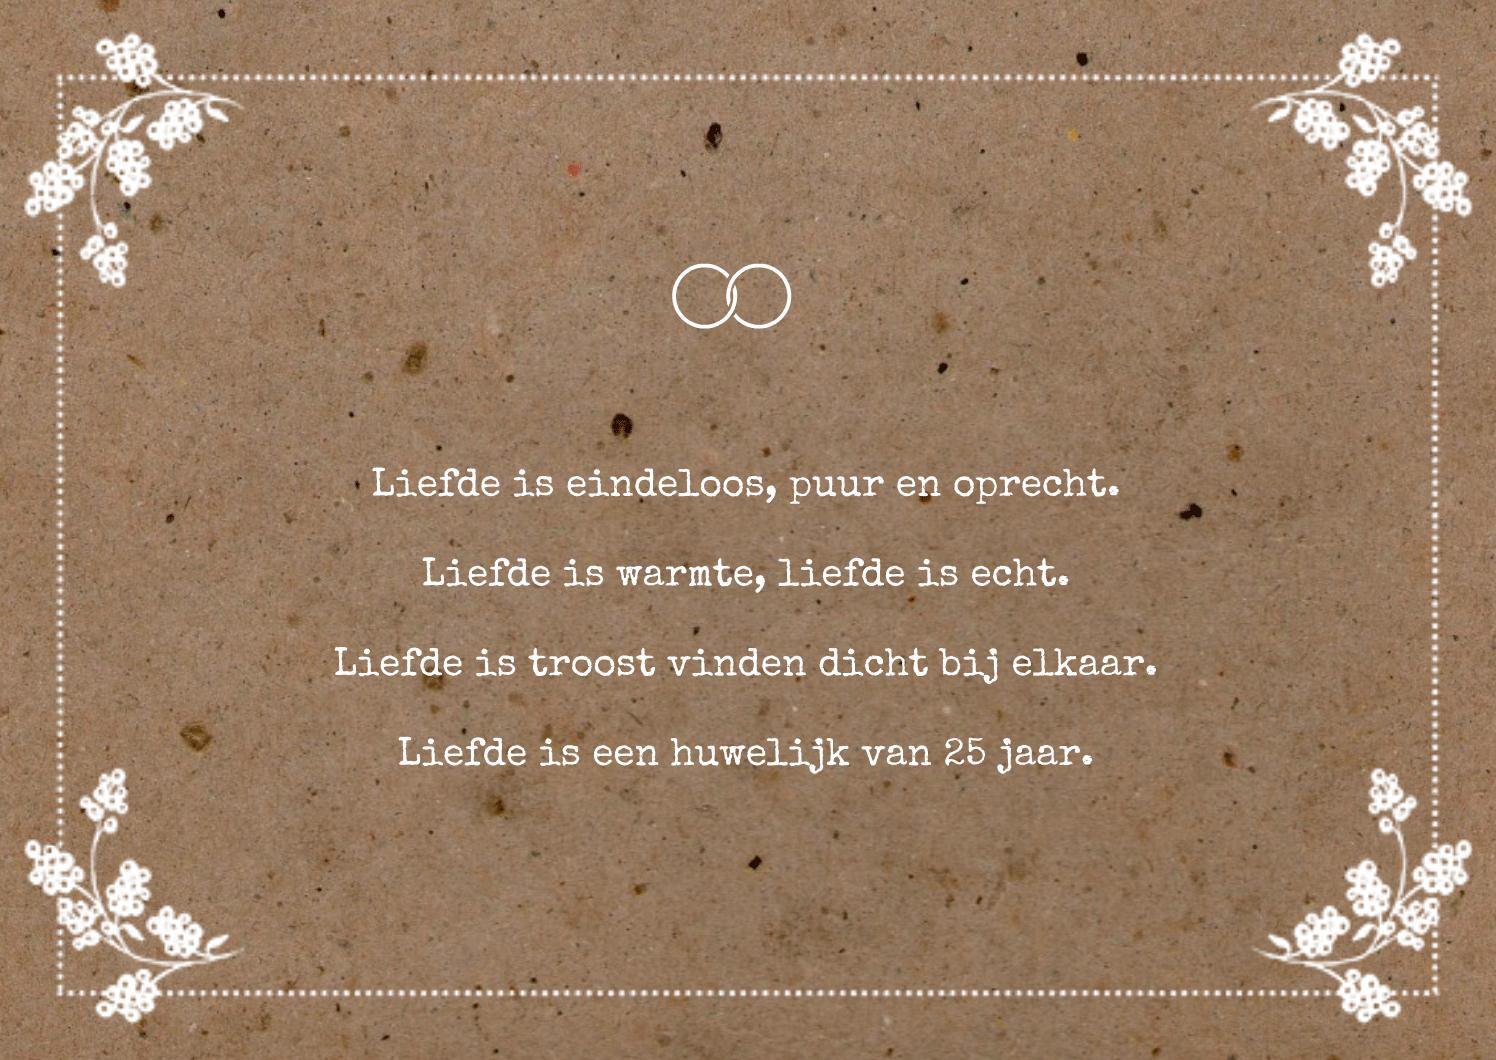 5 jarig huwelijk gedicht Genoeg 12.5 Jaar Getrouwd Gedicht &VA04 – Aboriginaltourismontario 5 jarig huwelijk gedicht